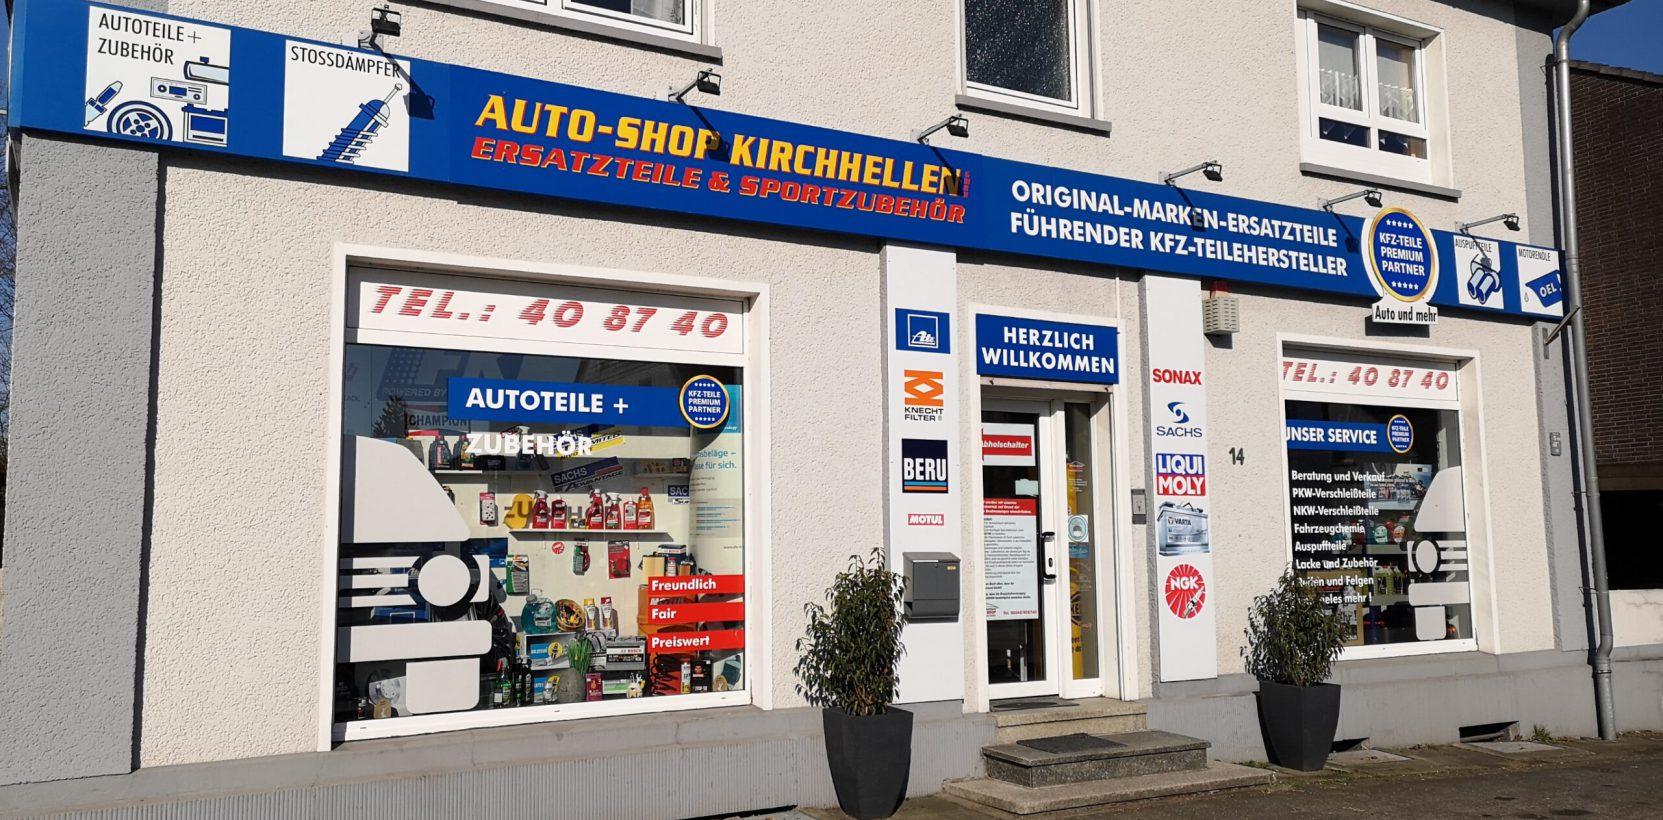 Auto - Shop 30.03 (5)